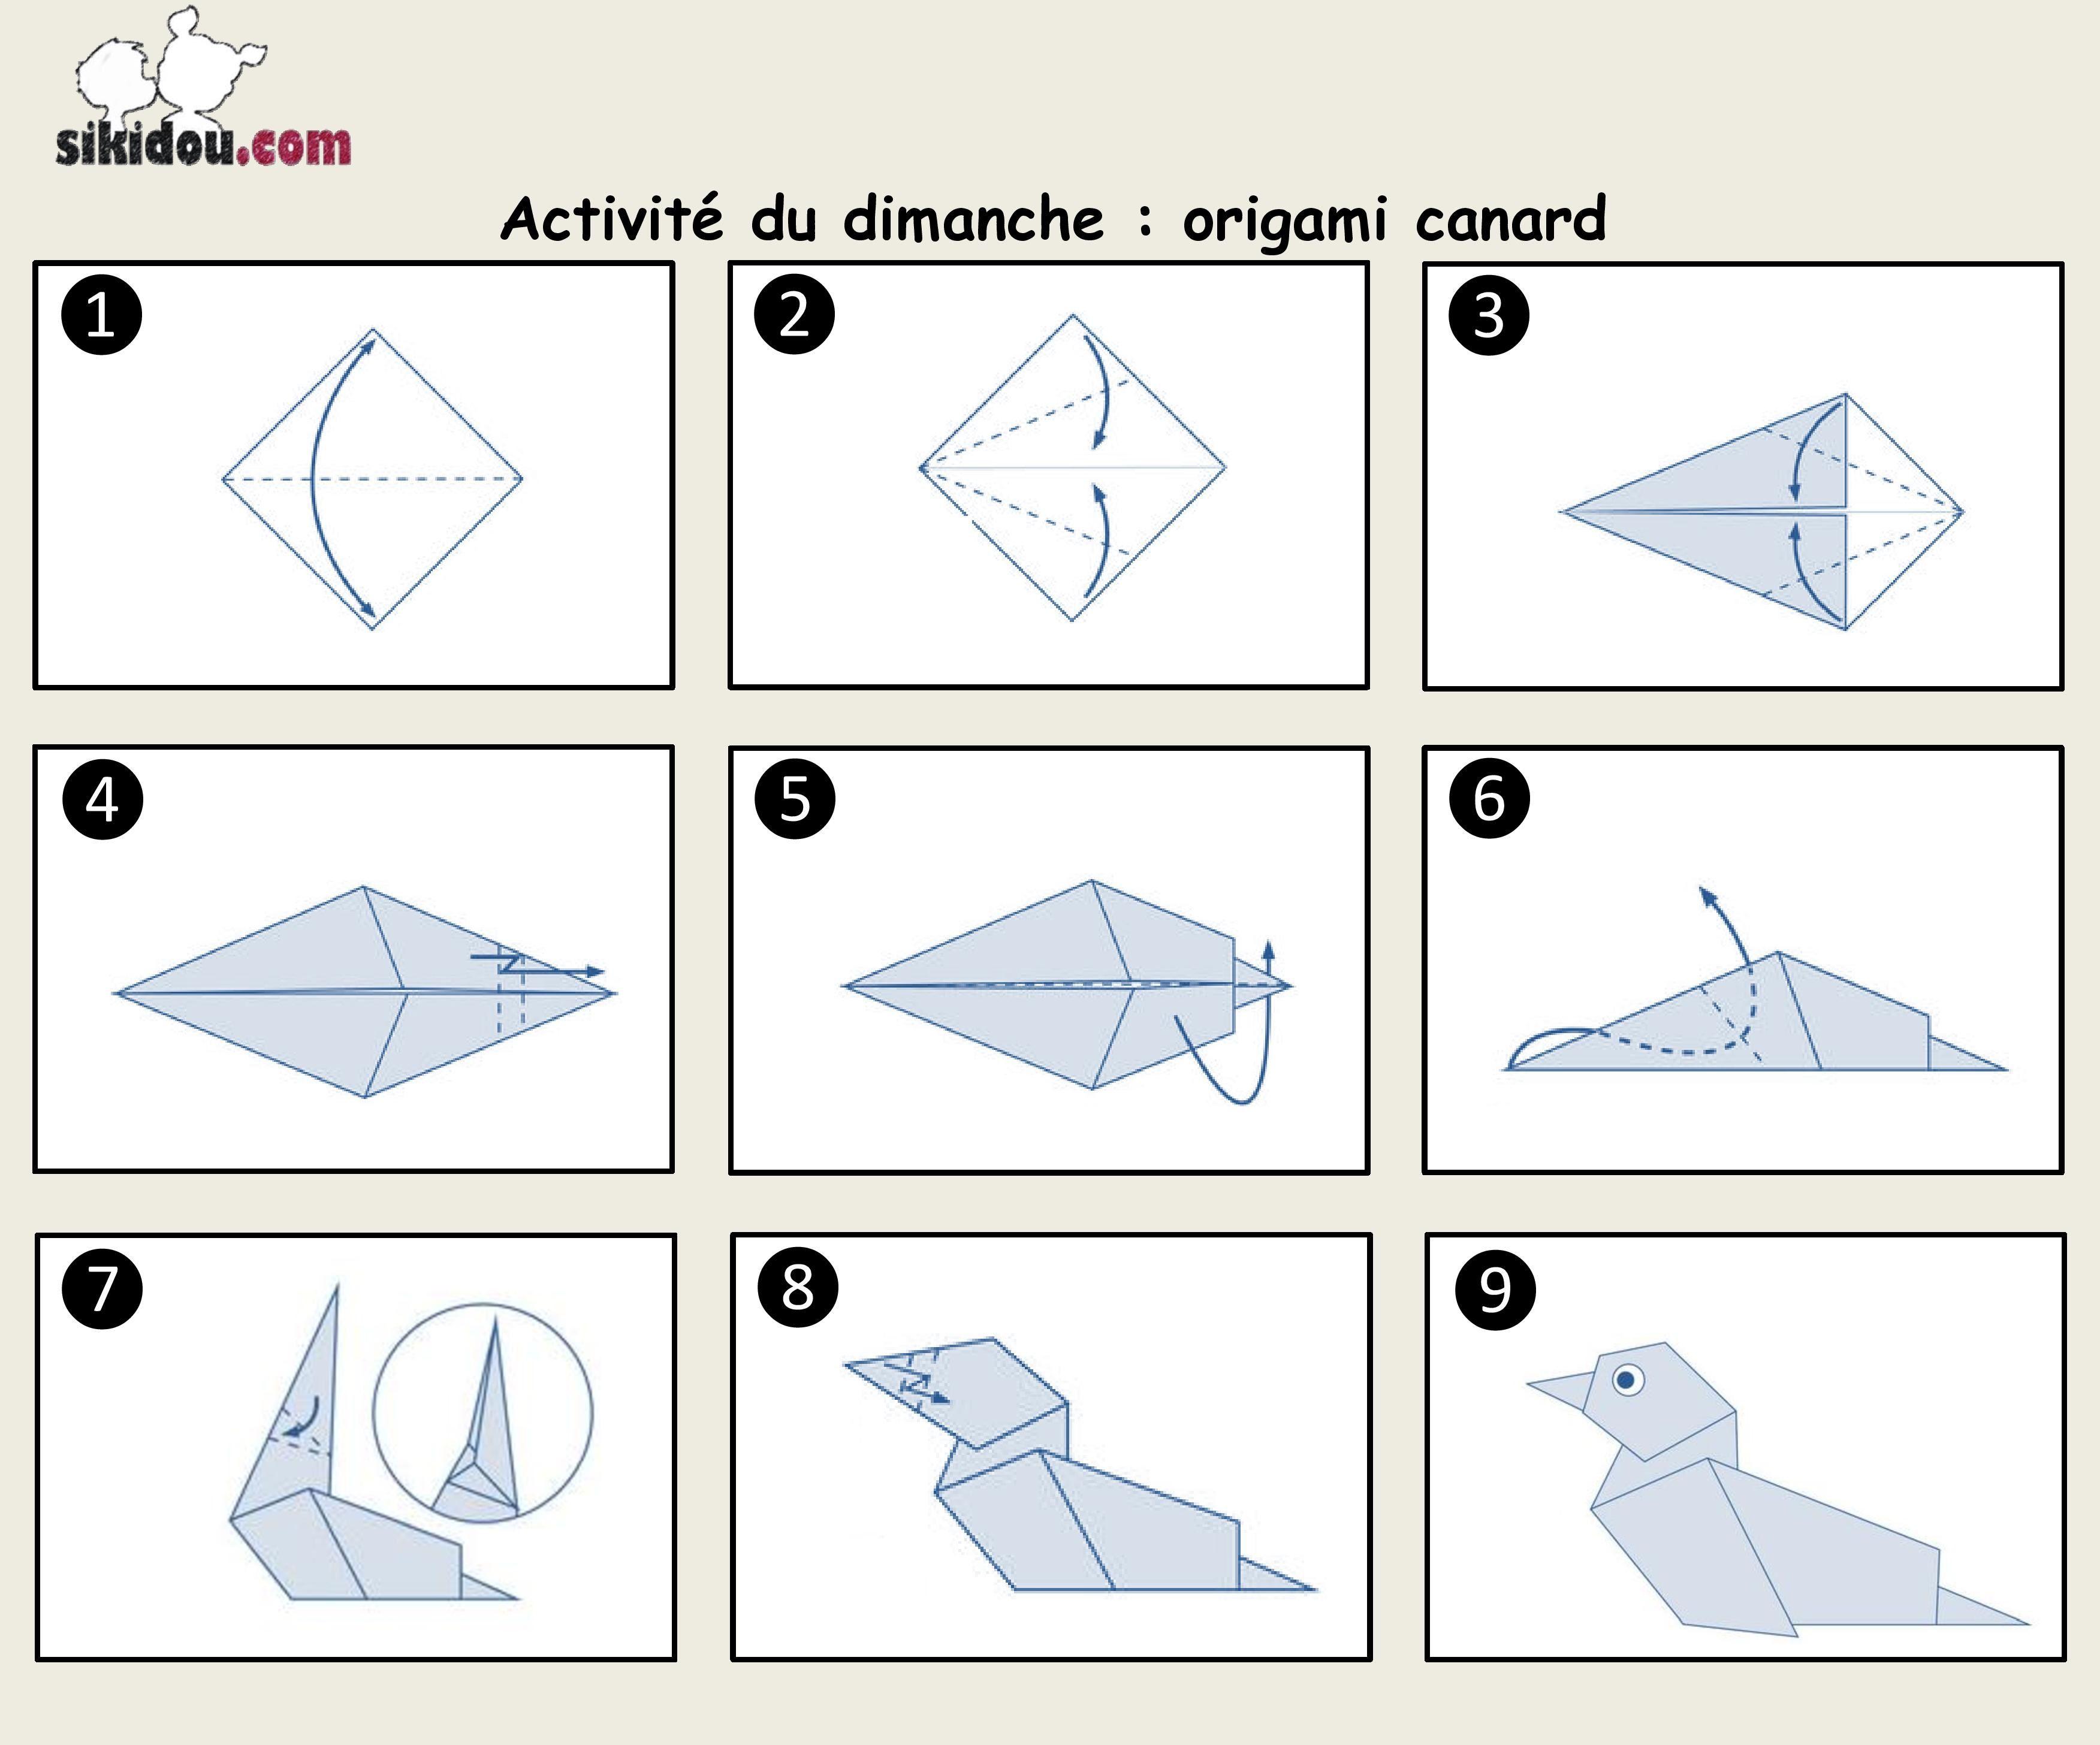 Il Fait Un Froid De Canard, Vous Ne Trouvez Pas à Origami Canard